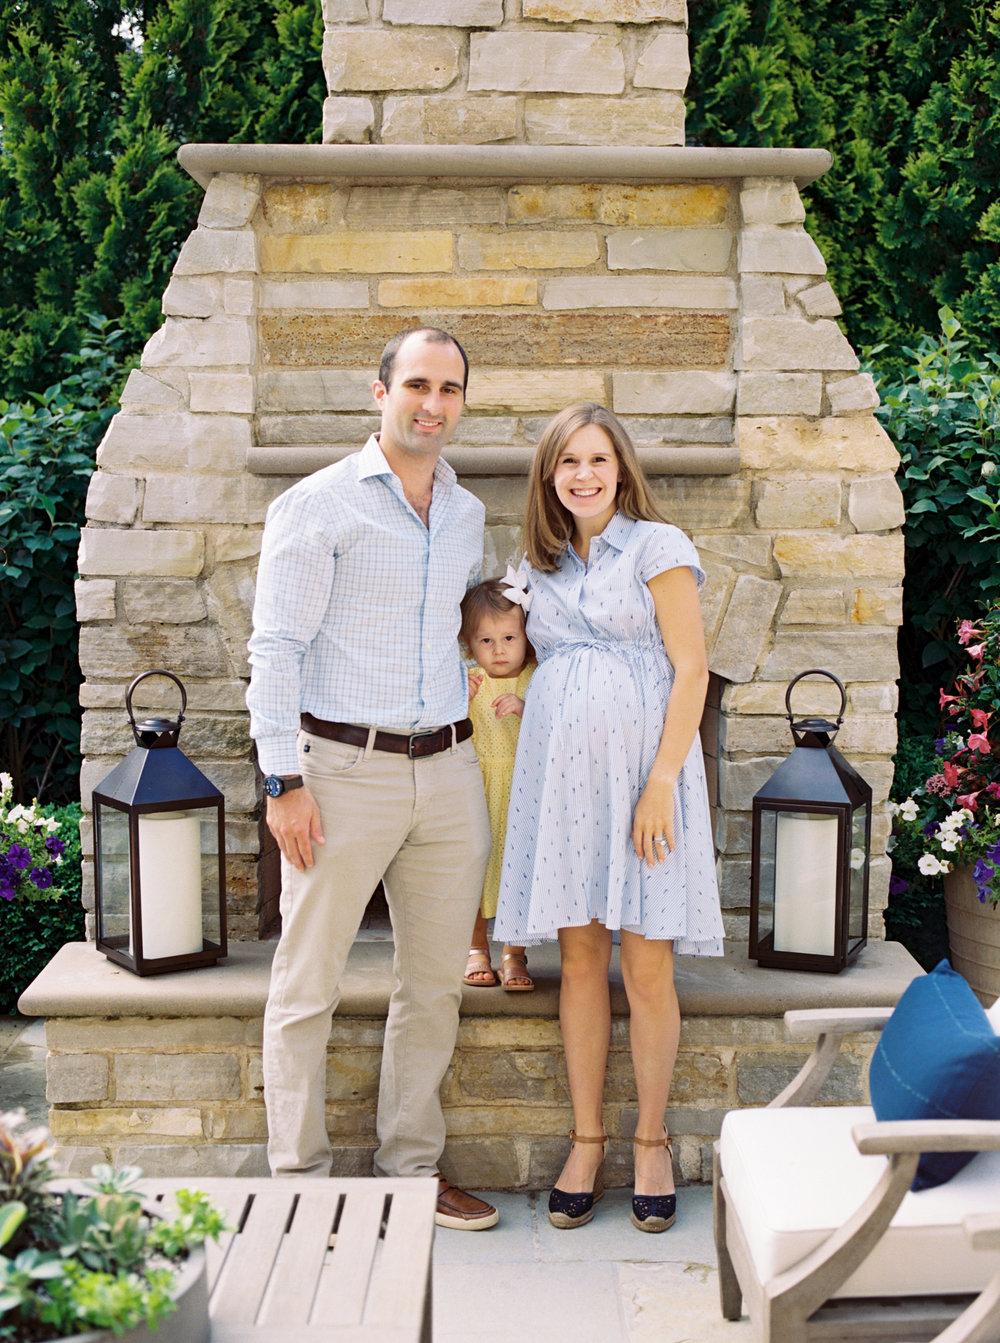 Hoffmanfamily.jpg